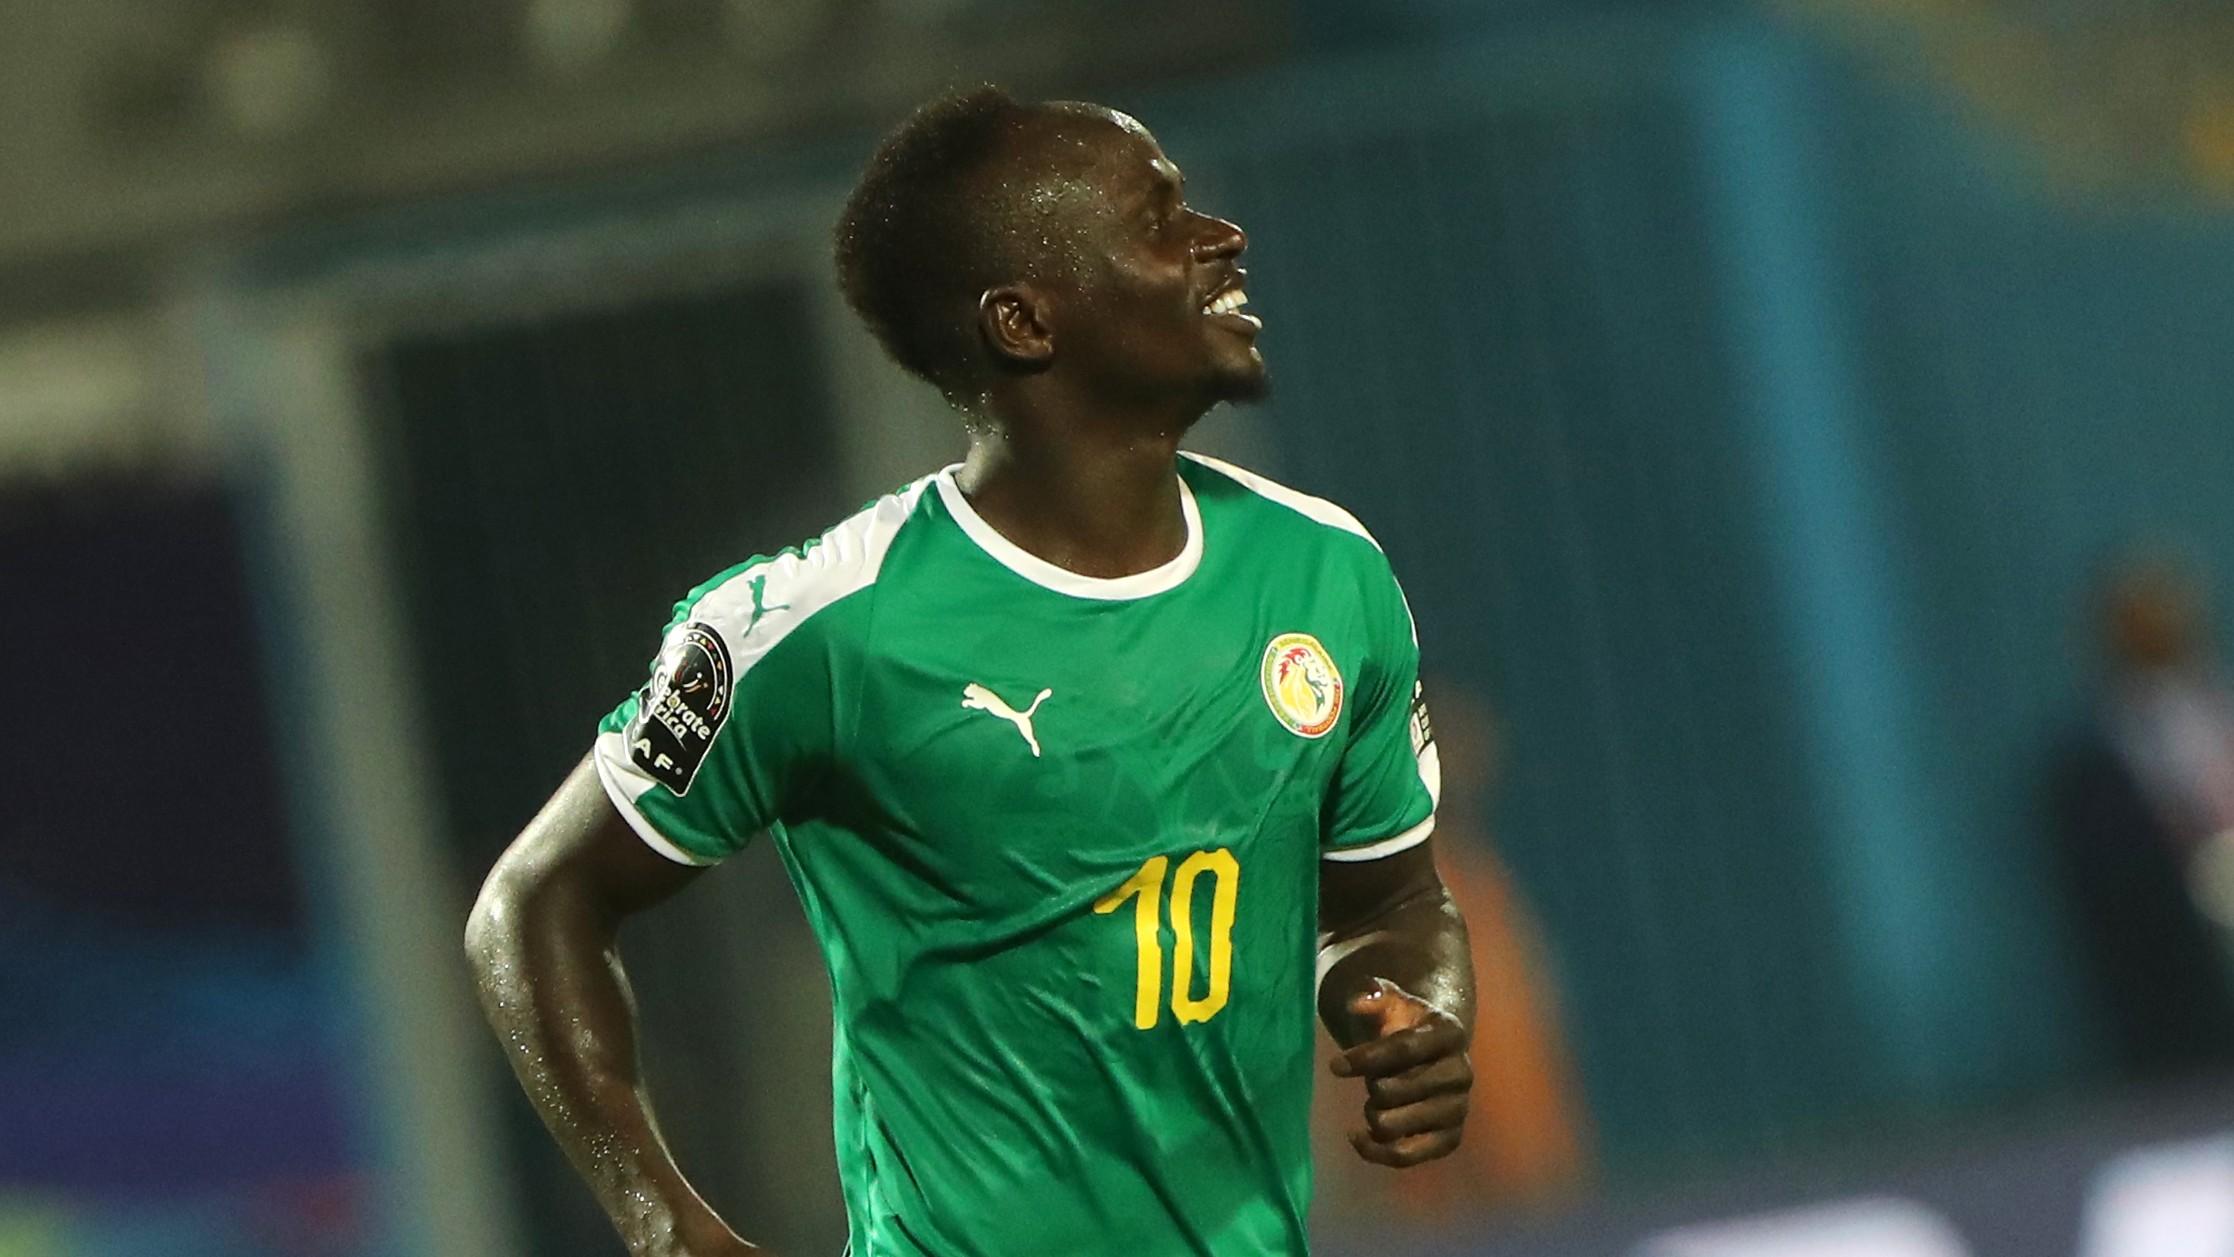 Senegal-Mané Mahrez x Mané: A caminhada de dois gigantes do futebol africano rumo à decisão da CAN